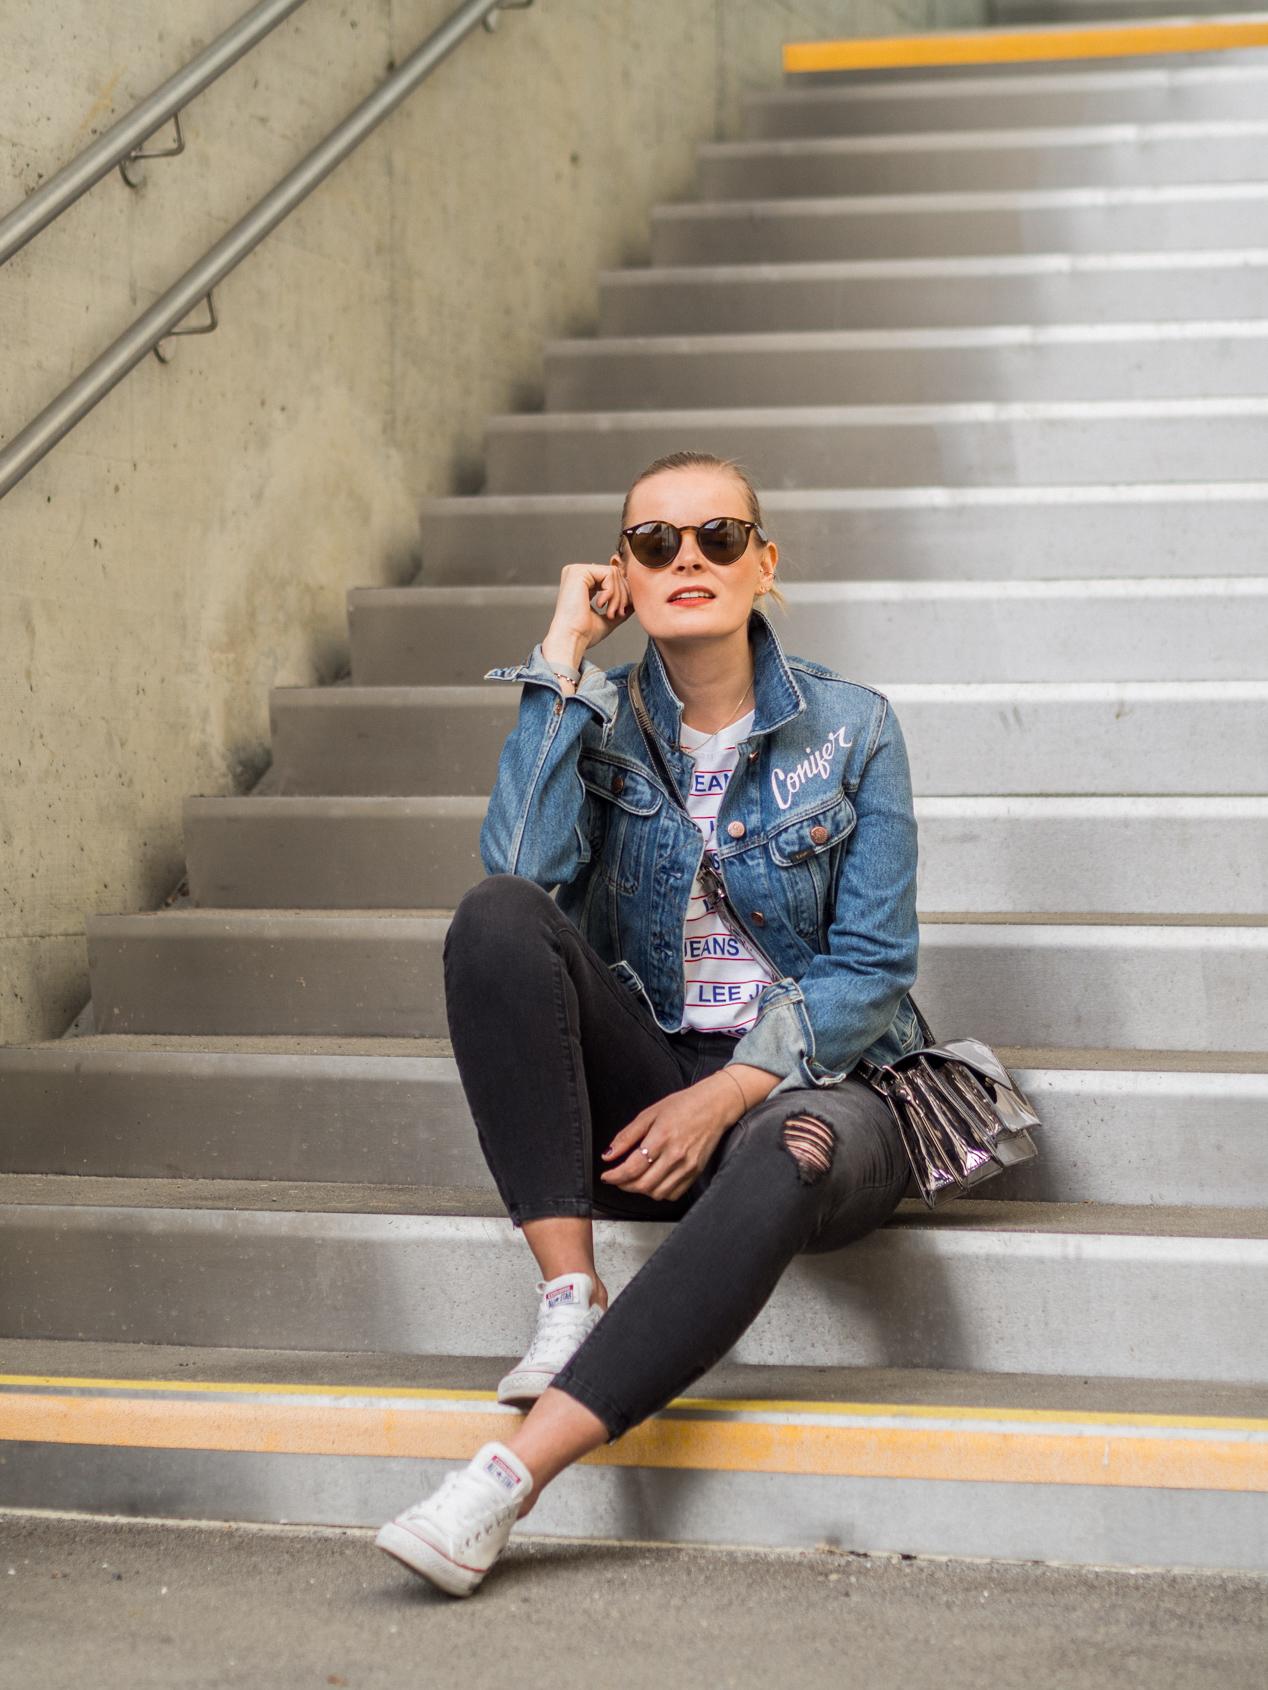 Jeansjacke kombinieren, converse kombinieren, logo shirt kombinieren, streetstyle, skinny jeans, converse, streetstyle, fashion, outfit, inspirtation, daily streetstyle, www.lakatyfox.com